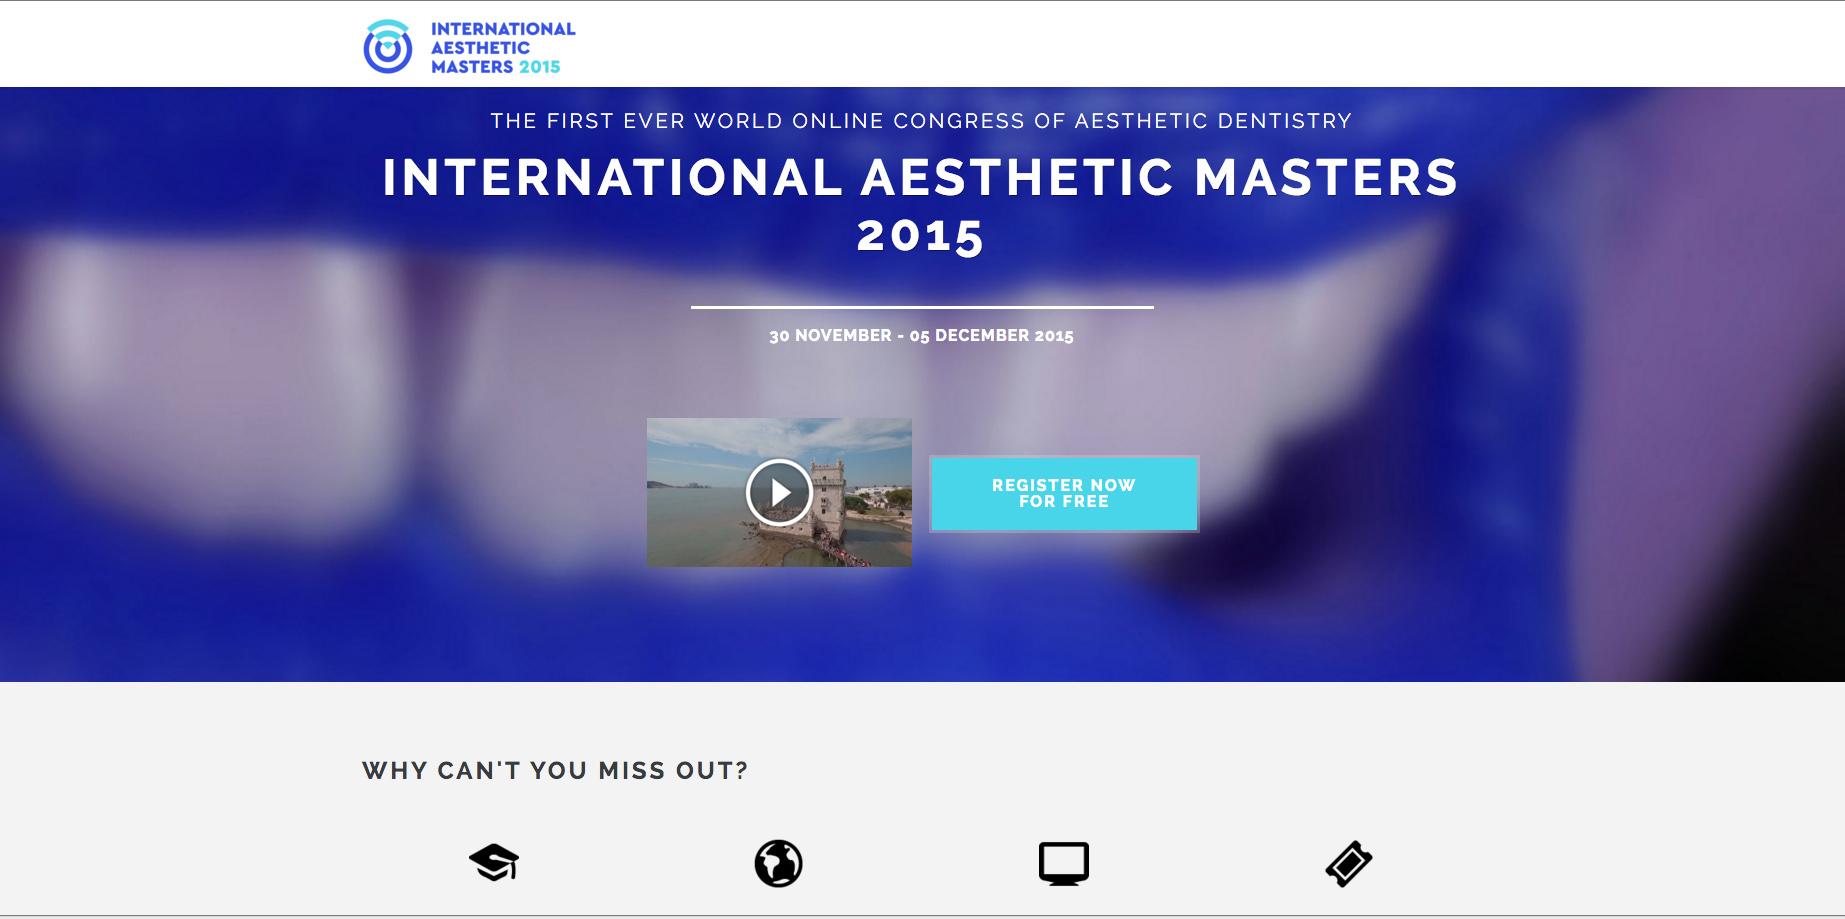 Az online esztétikai kongresszus weboldala, ahol a magyar fogorvosok számára is ingyenes a regisztráció. (www.aestheticmasters2015.com)